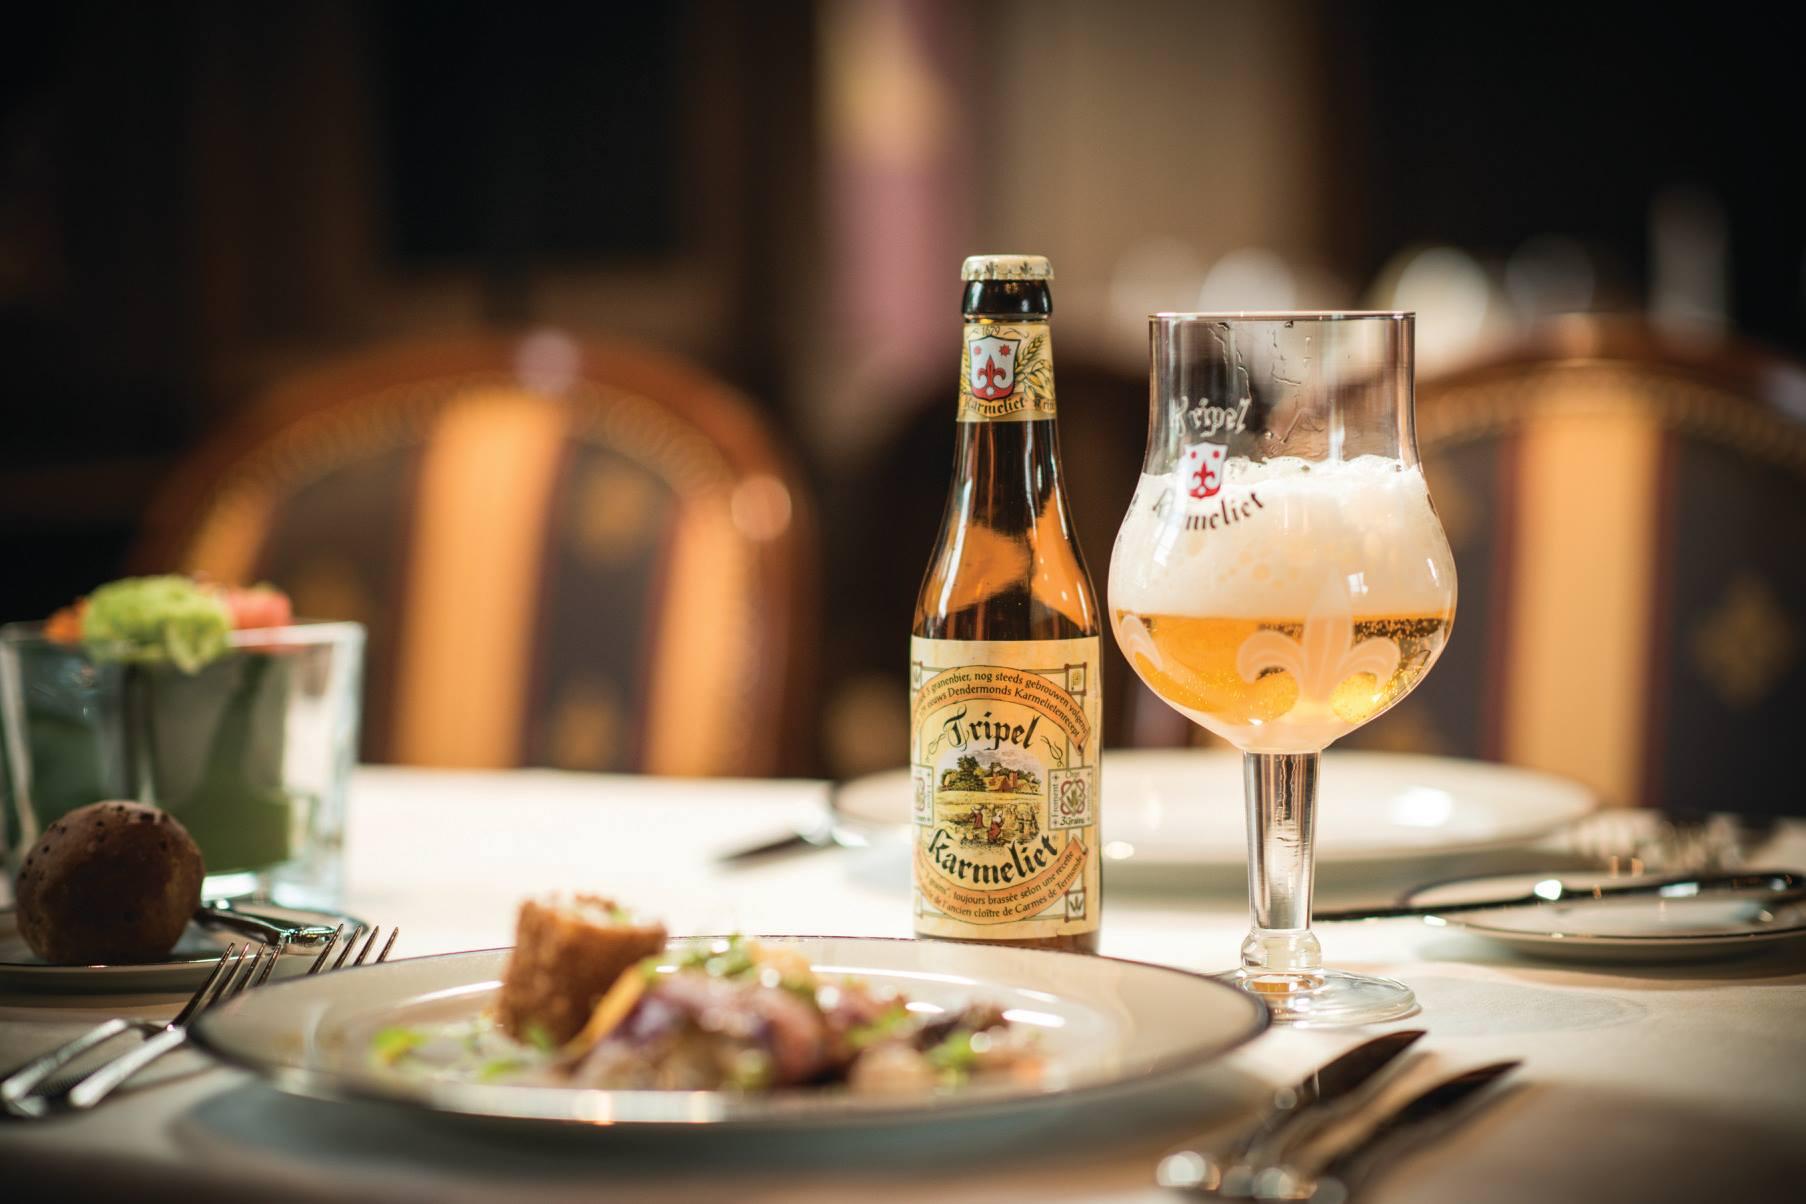 Bières et Mets - Food pairing